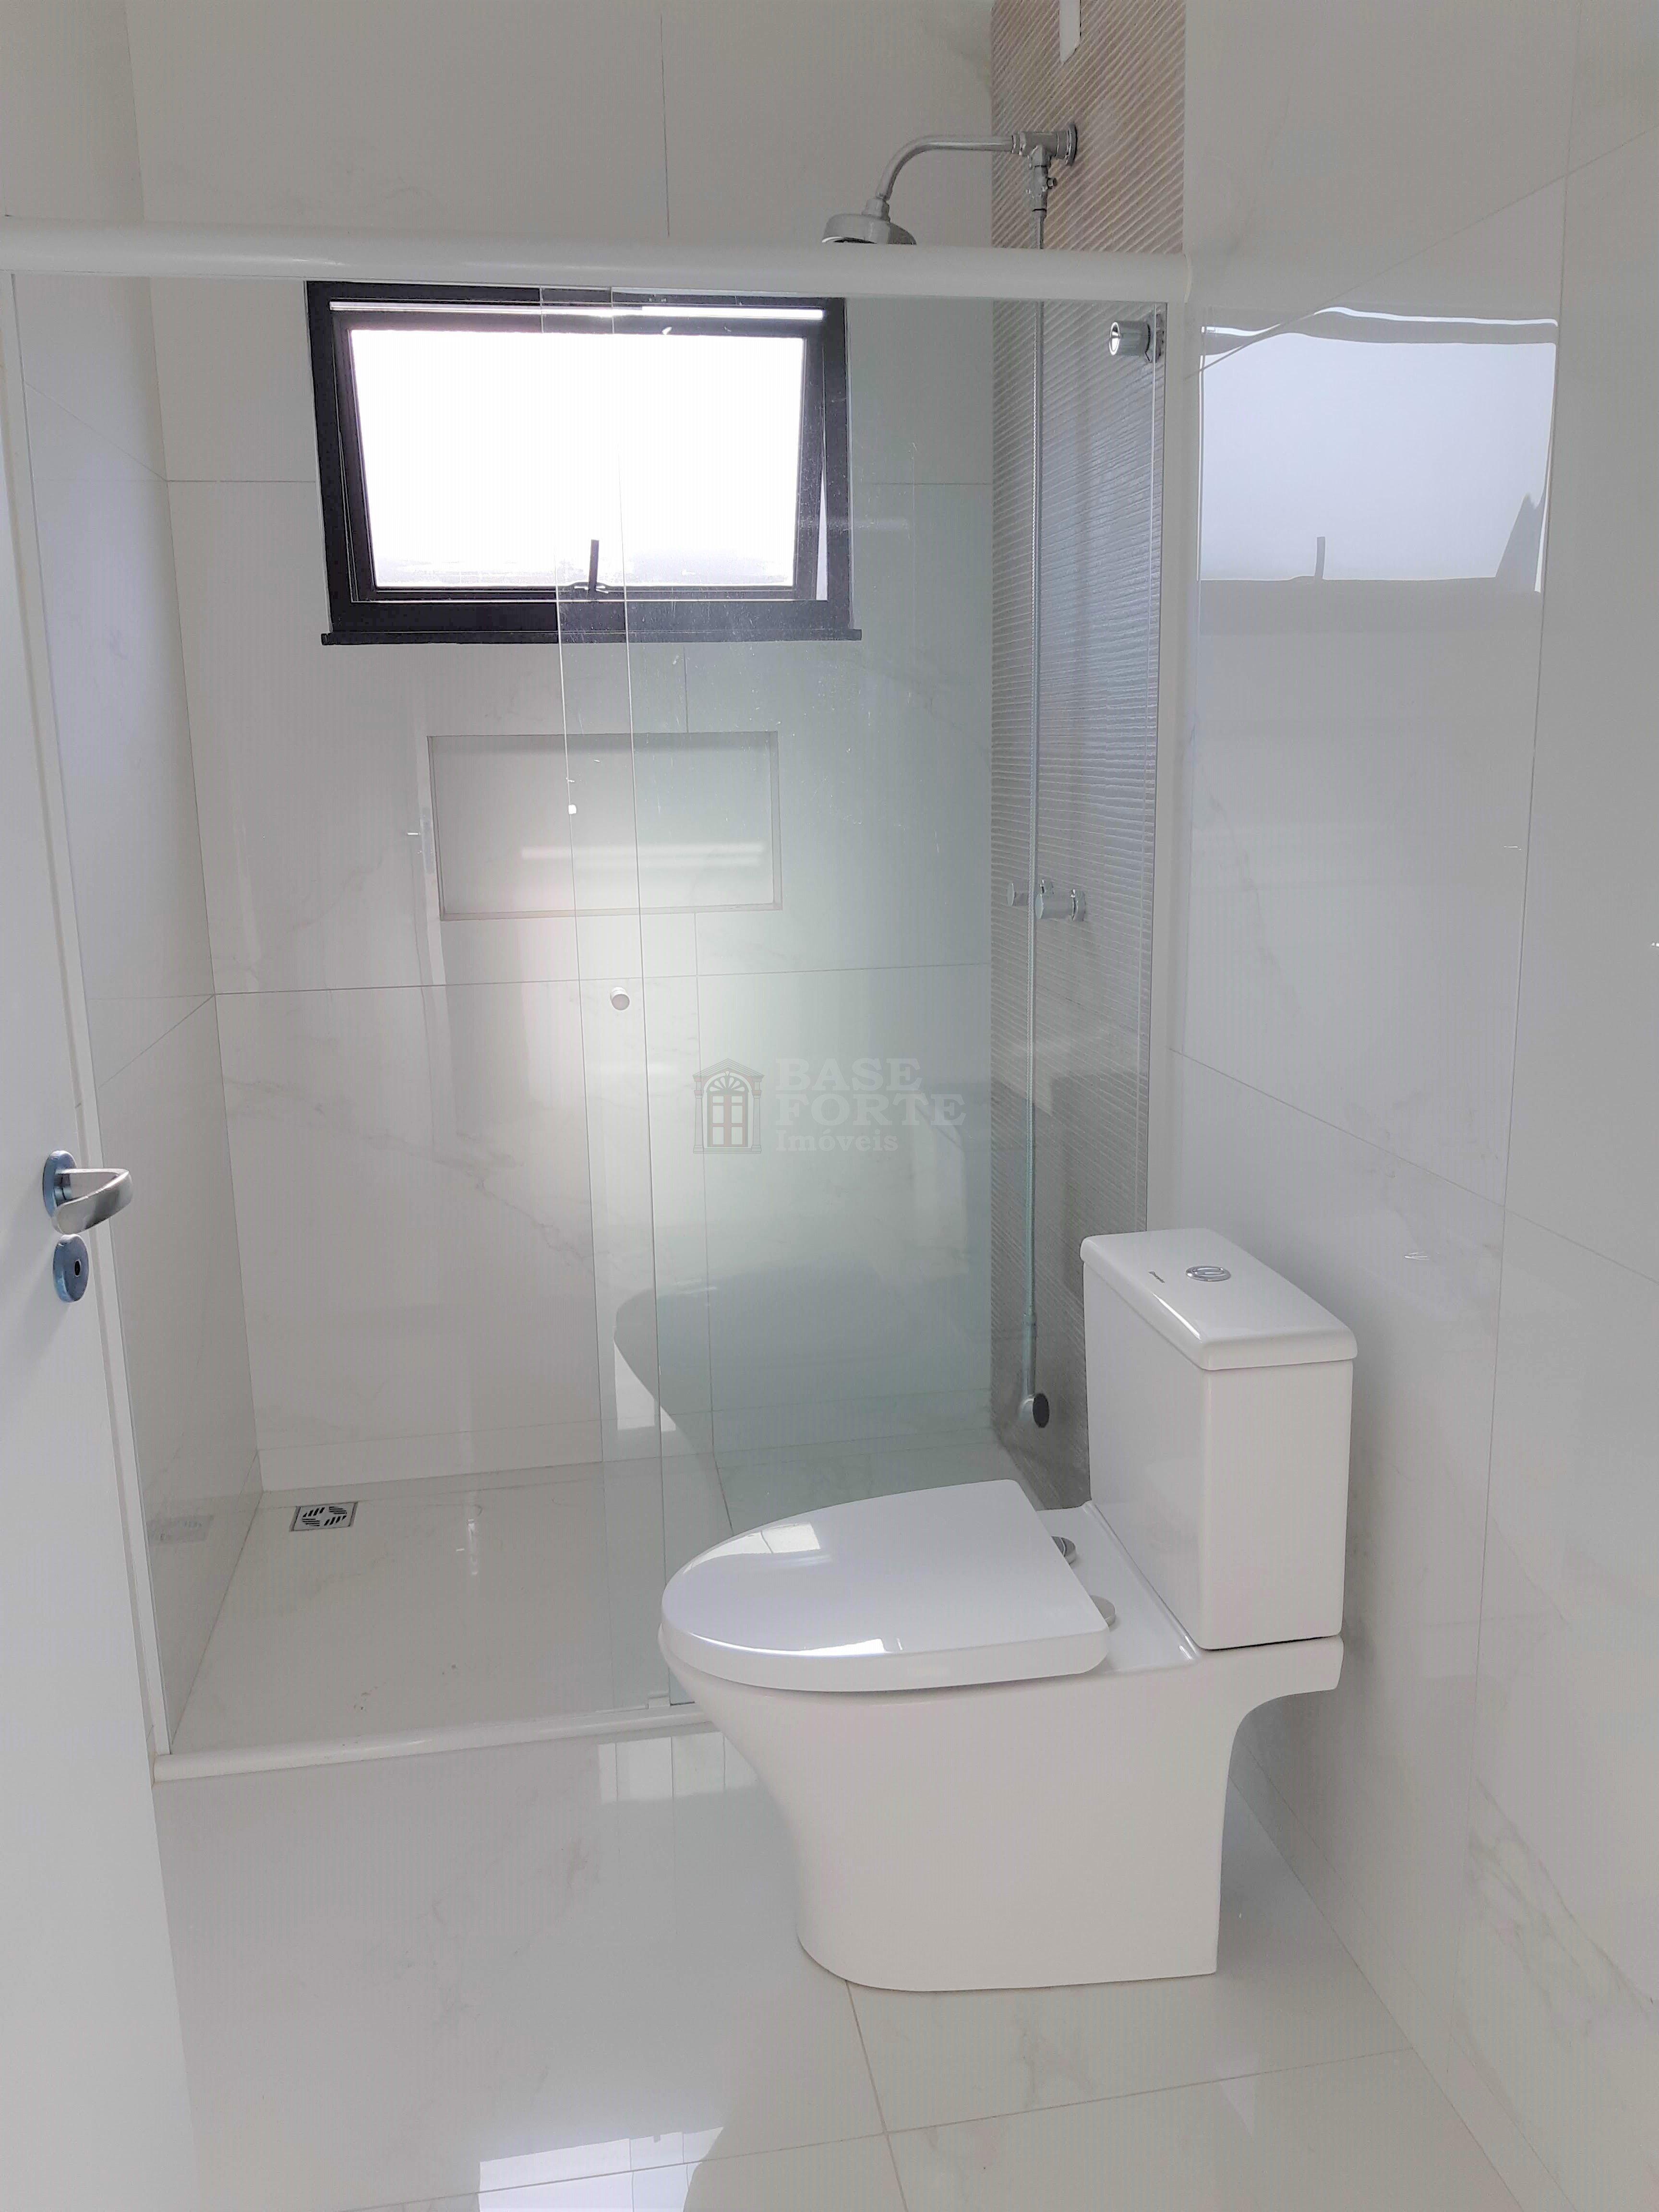 Casa em condomínio para Venda - Cará-cará, Ponta Grossa, PR